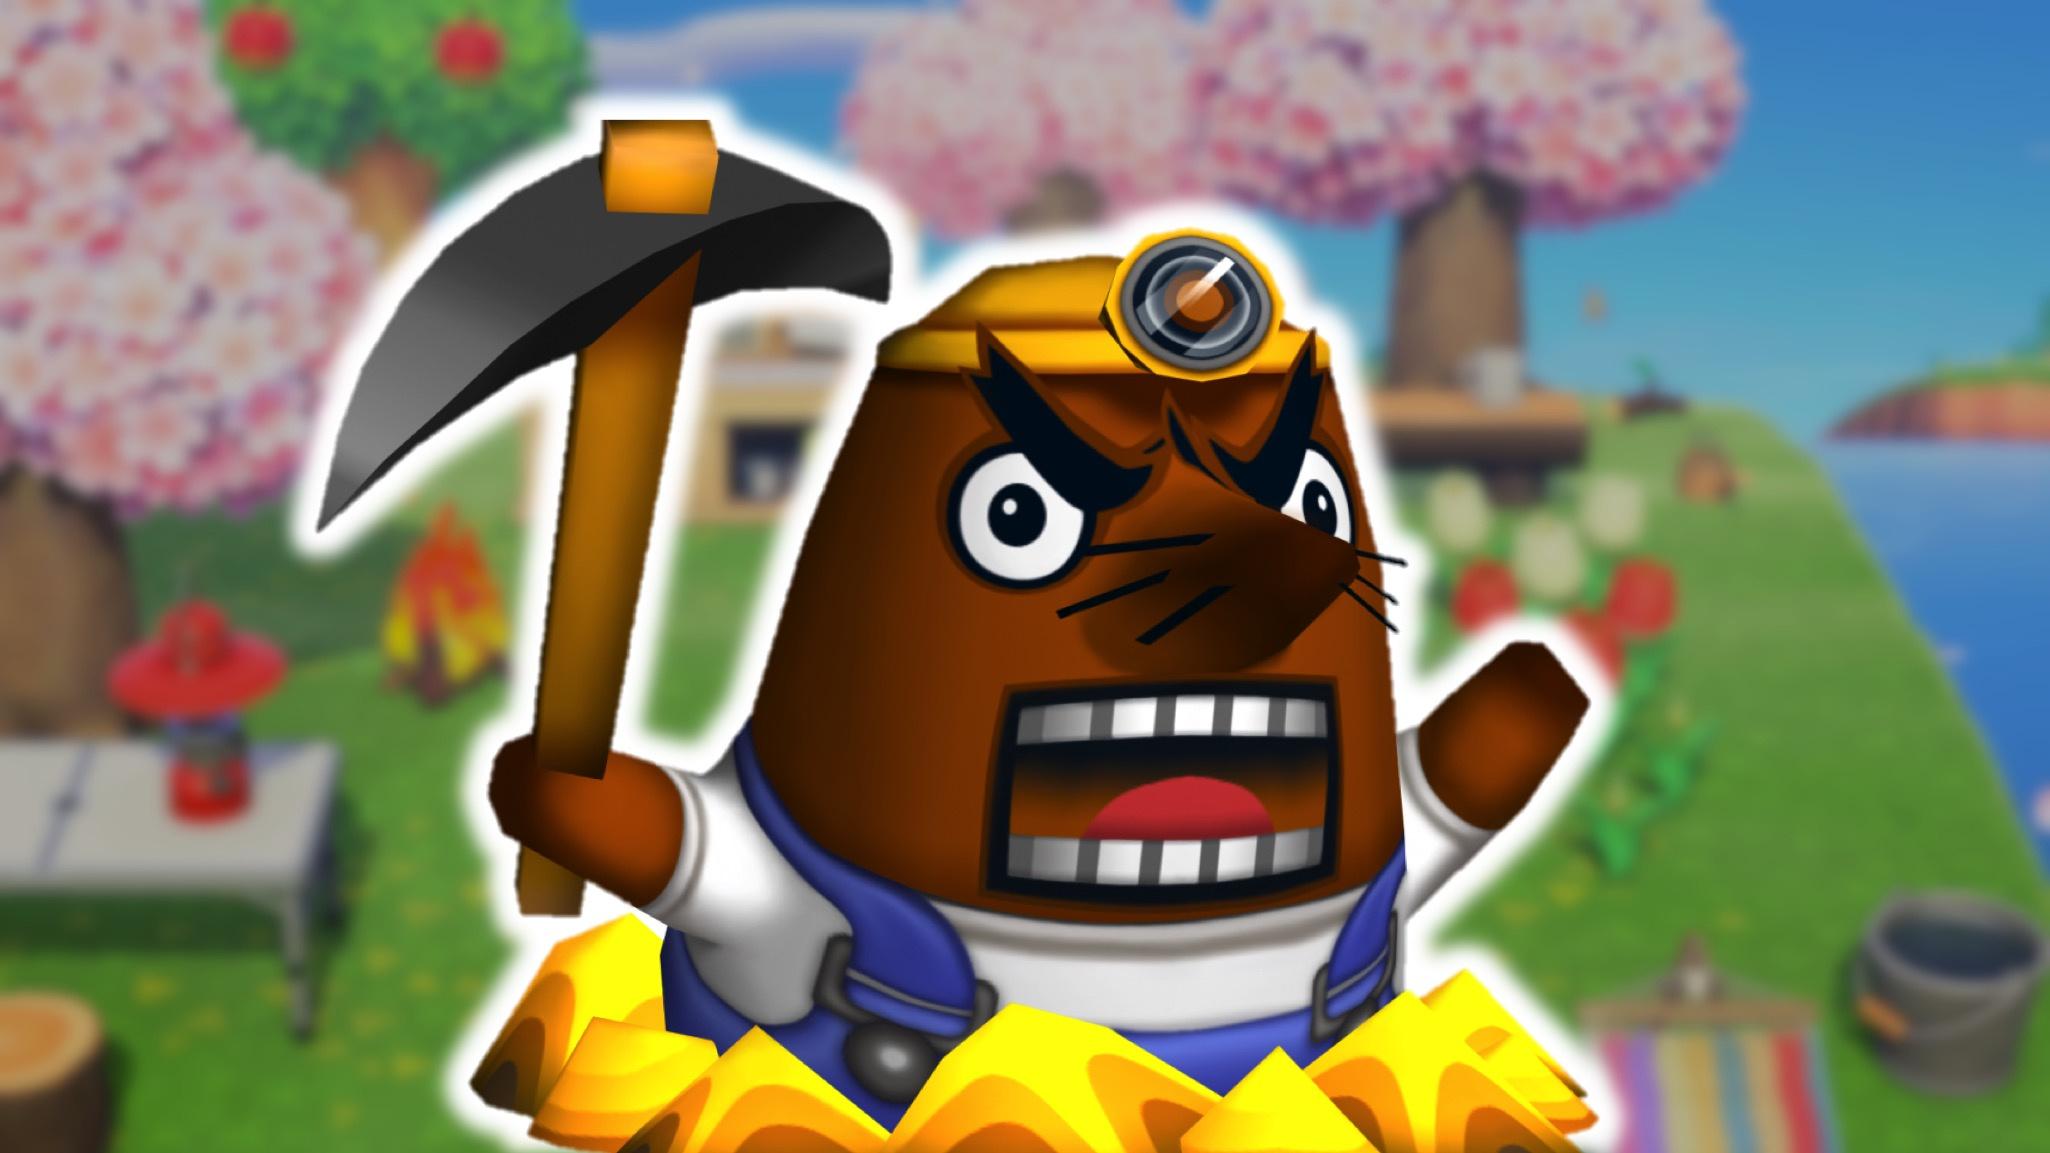 Η Nintendo καταπολεμά ήδη χάκερ στο Animal Crossing New Horizons